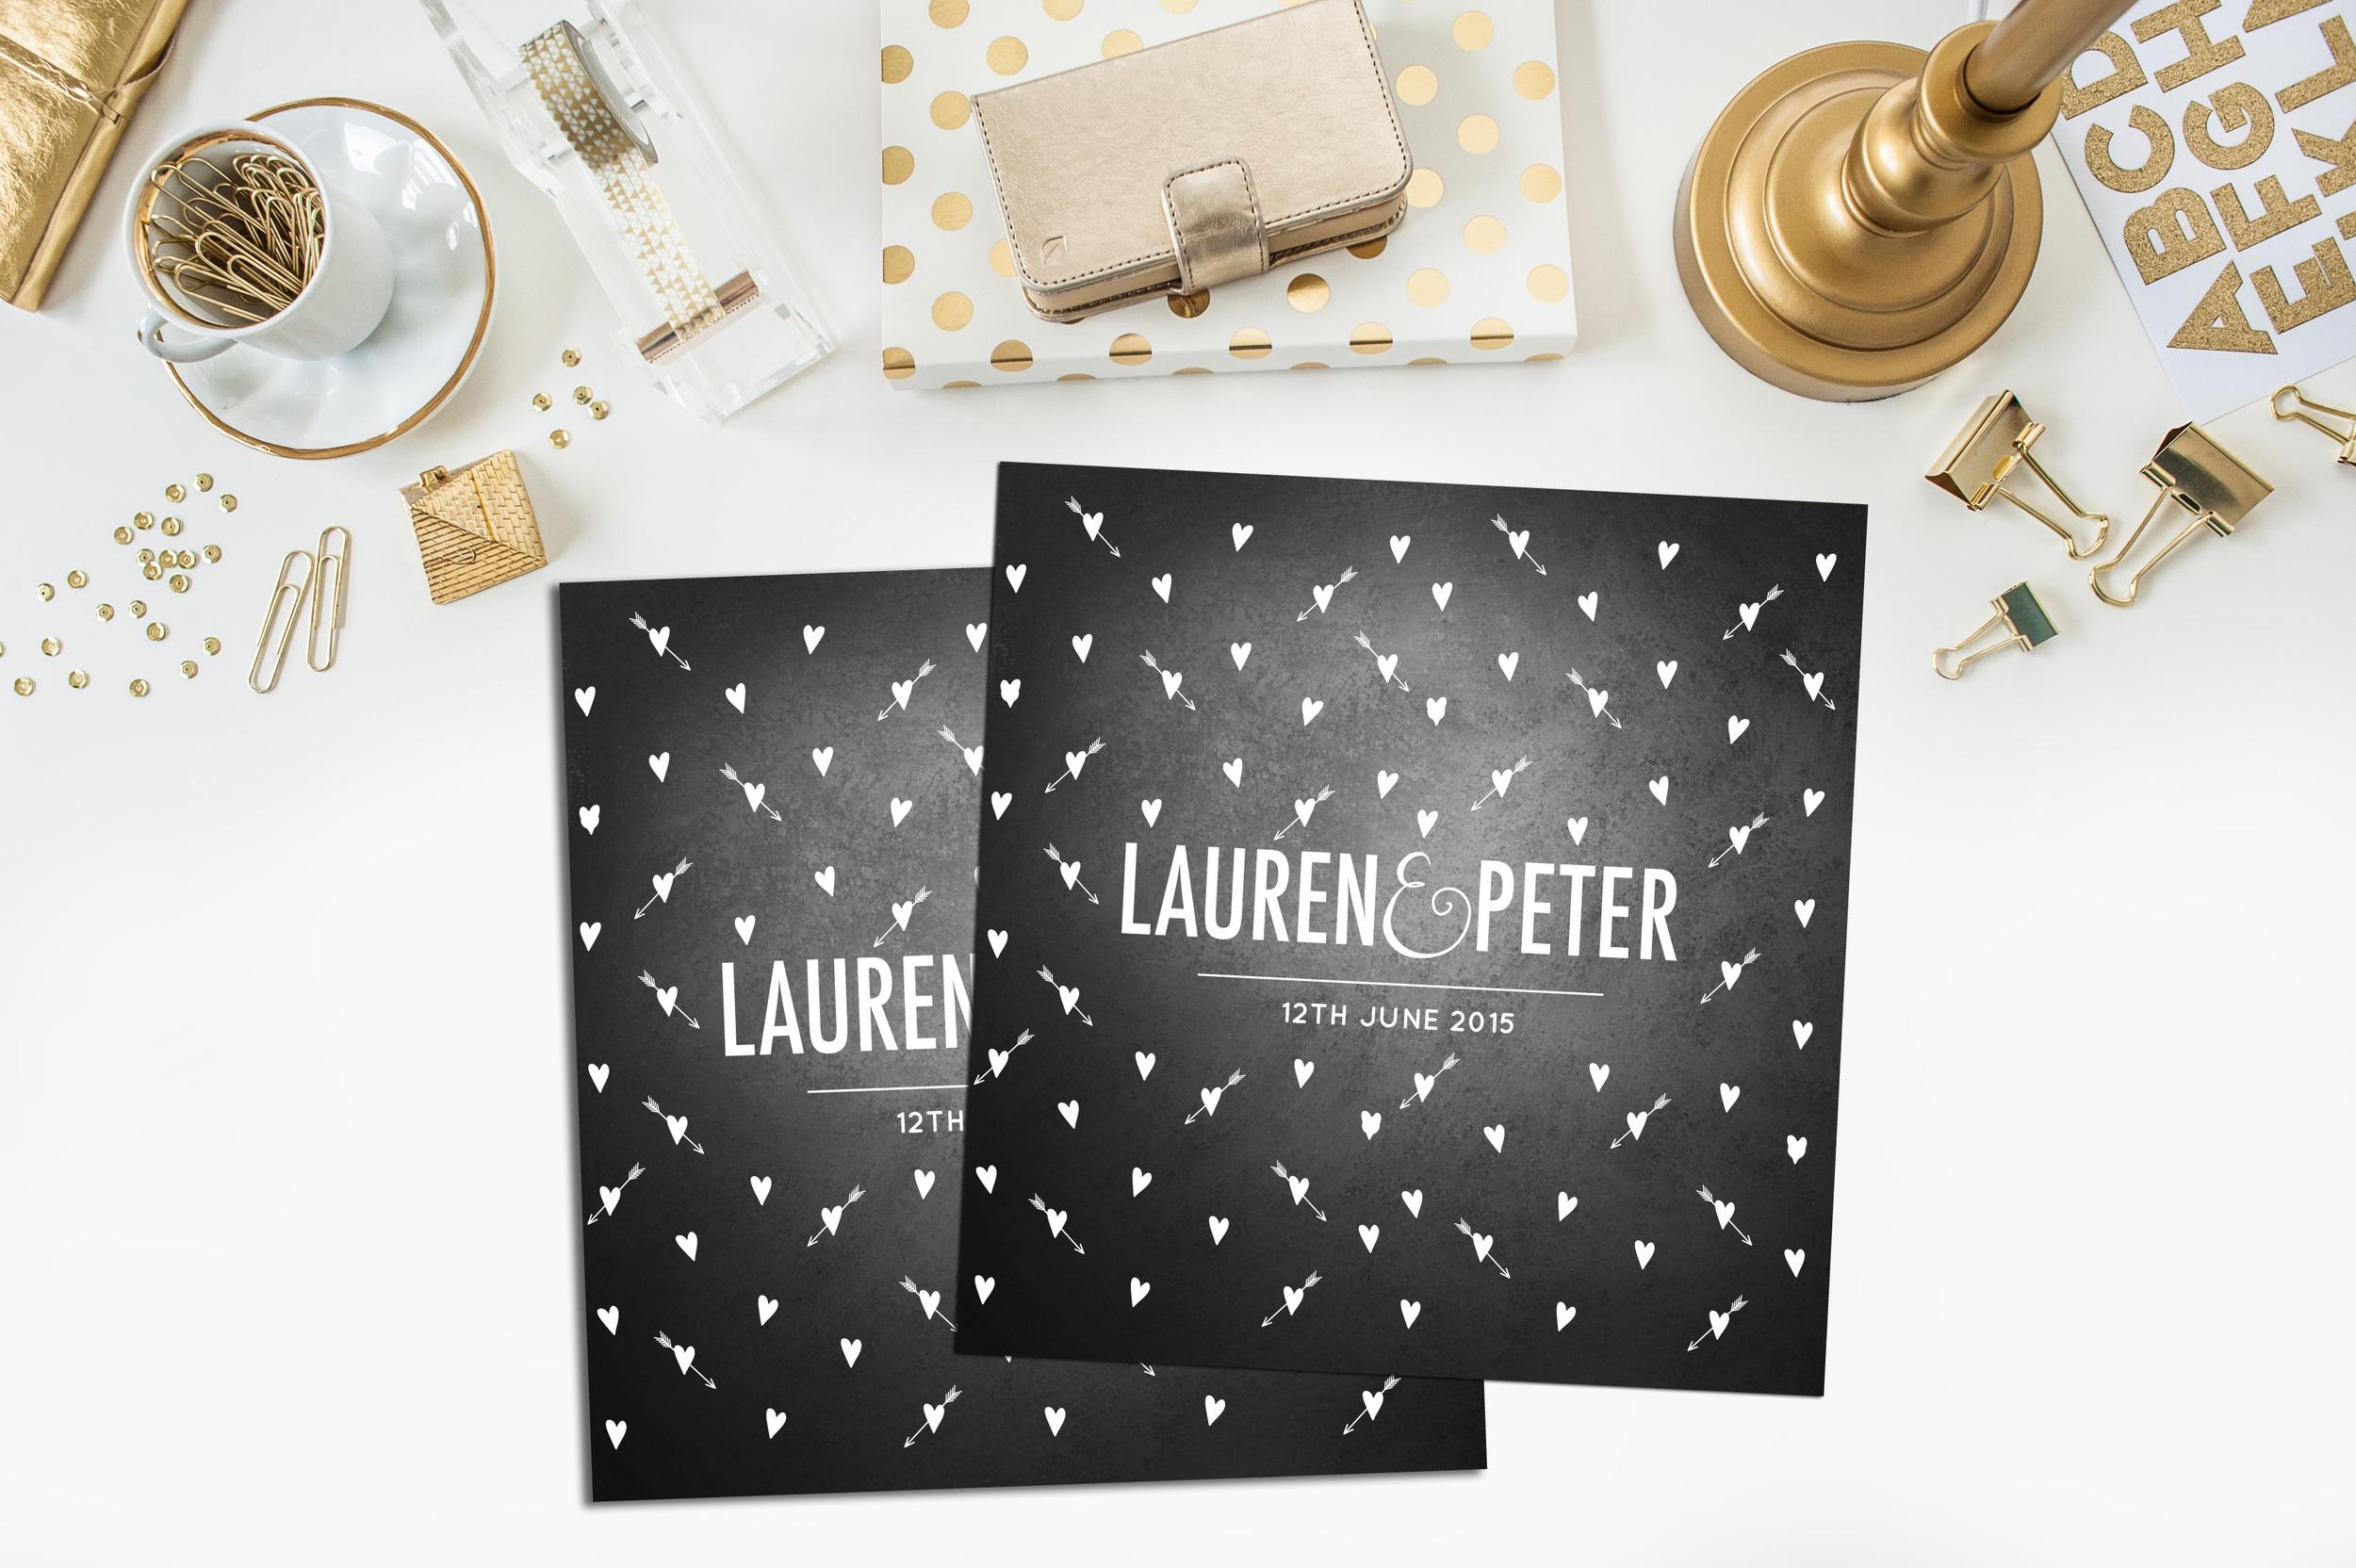 Lauren & Peter